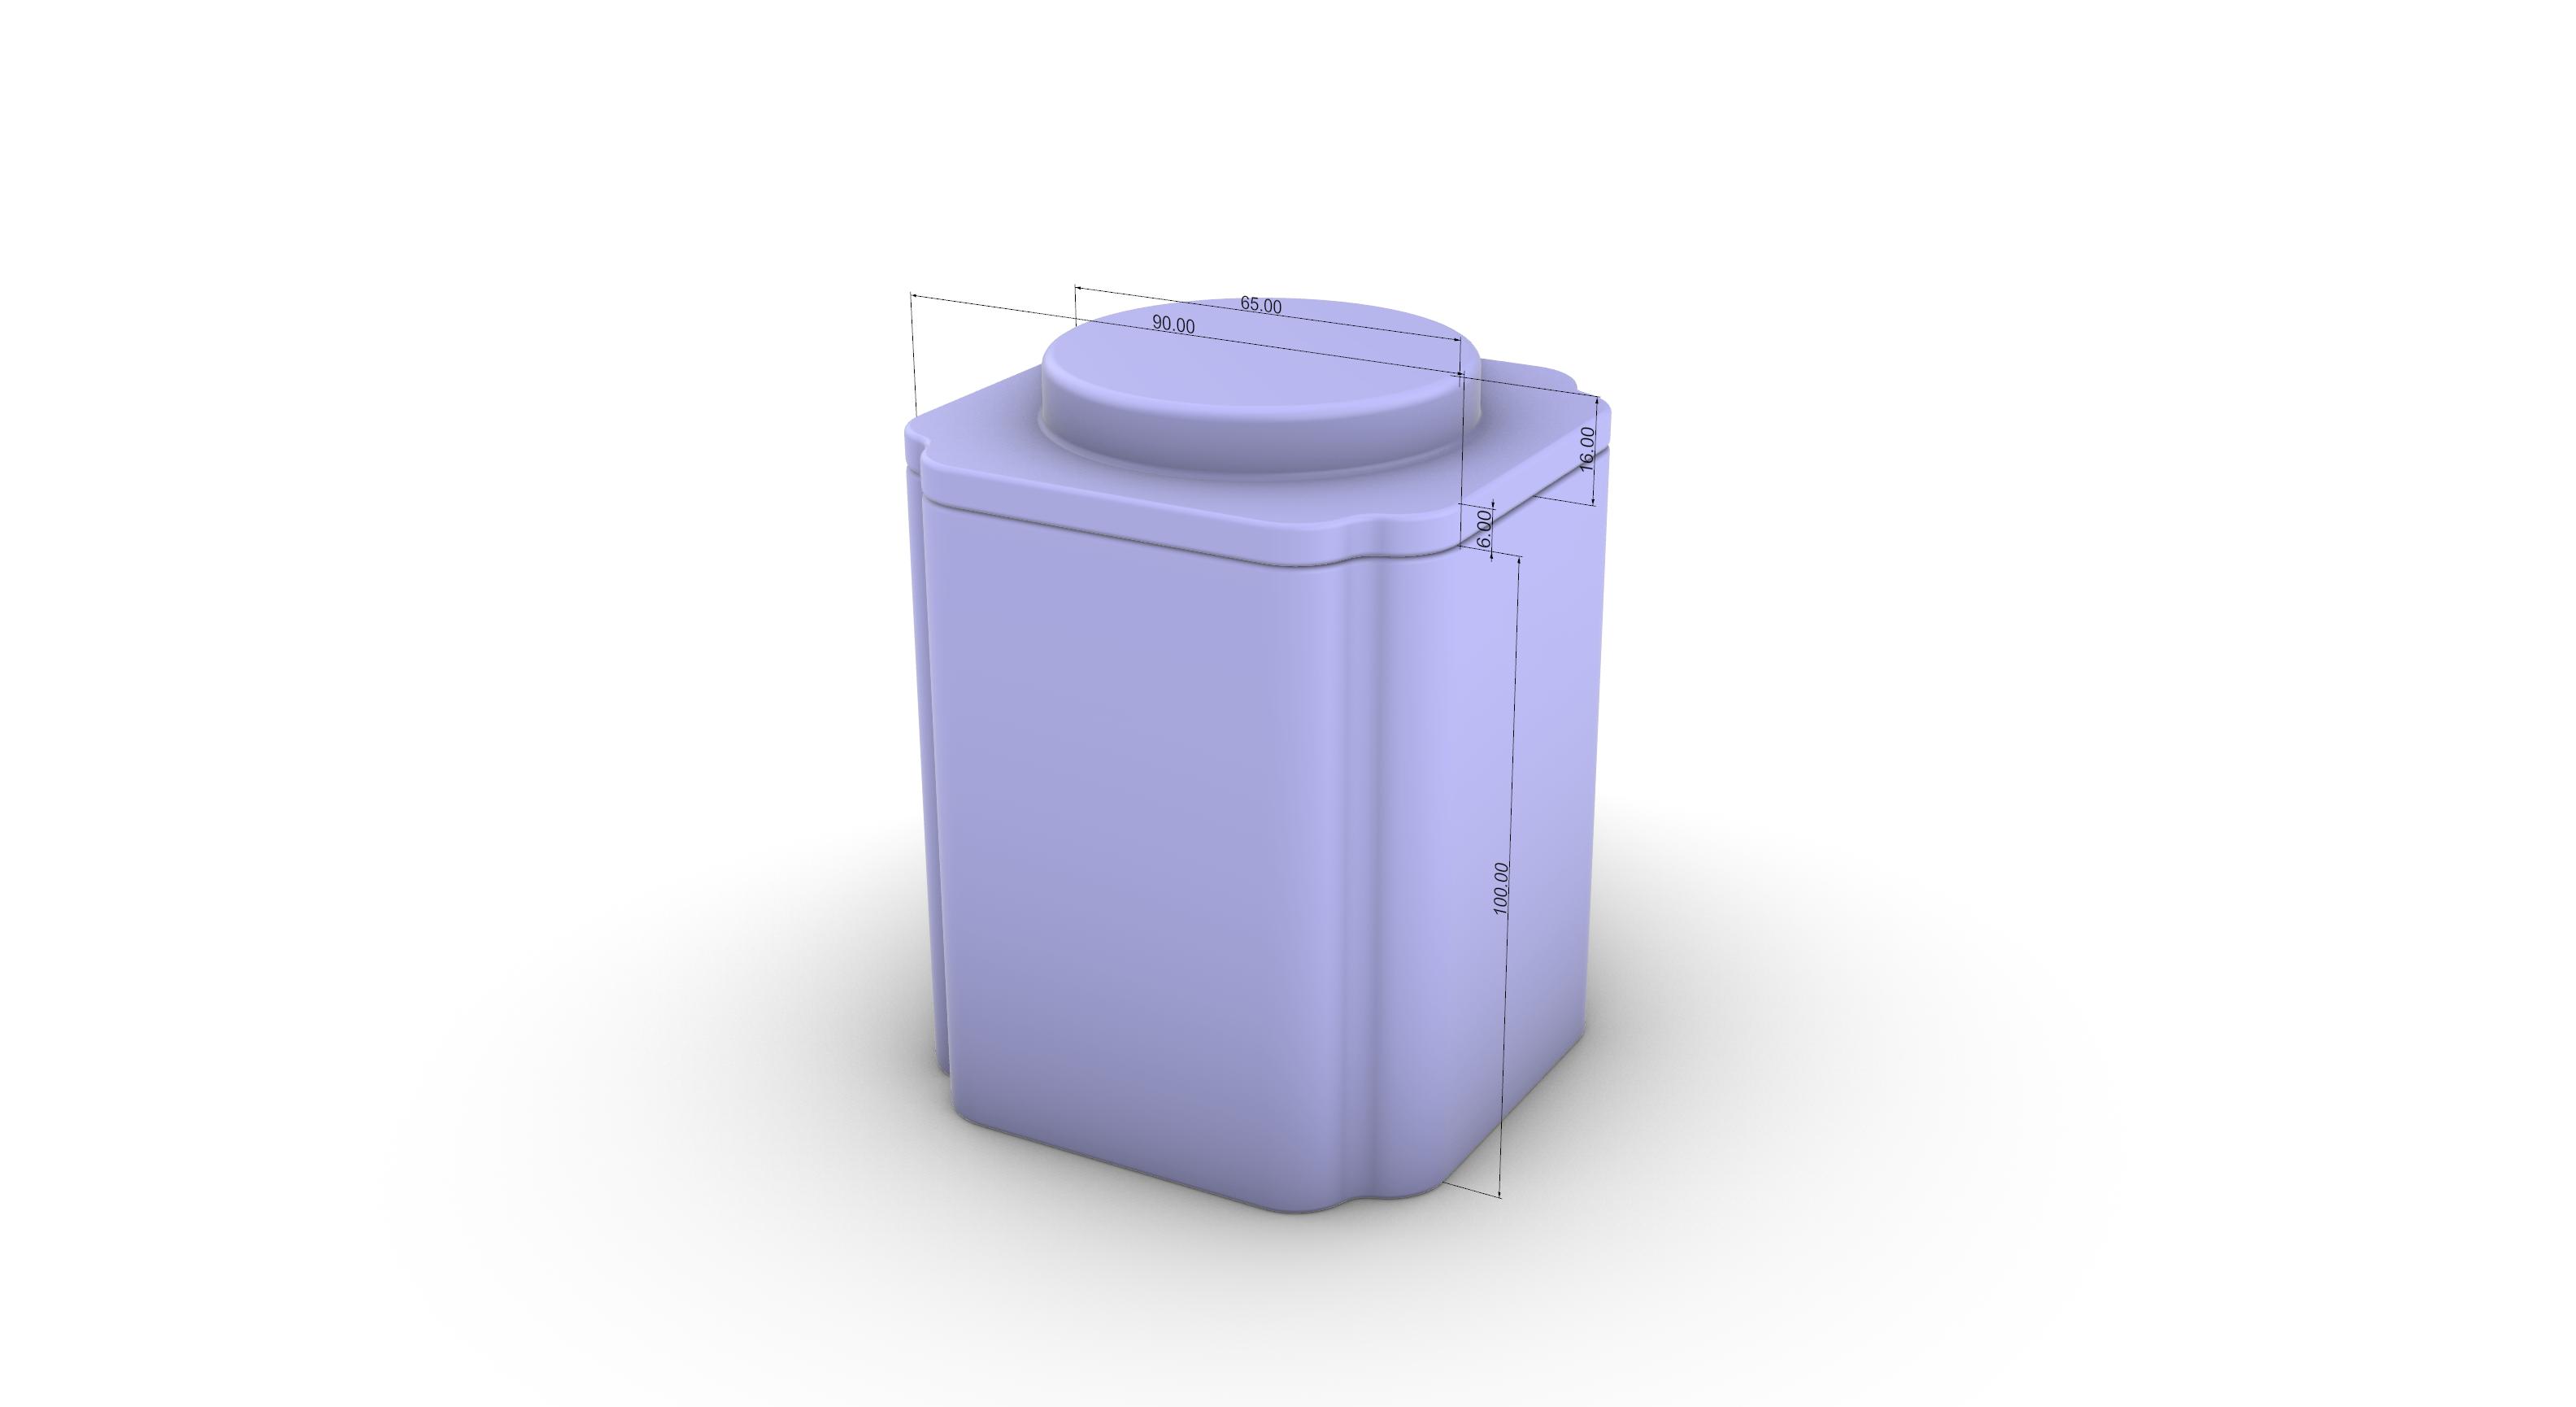 茶叶铁罐结构设计案例